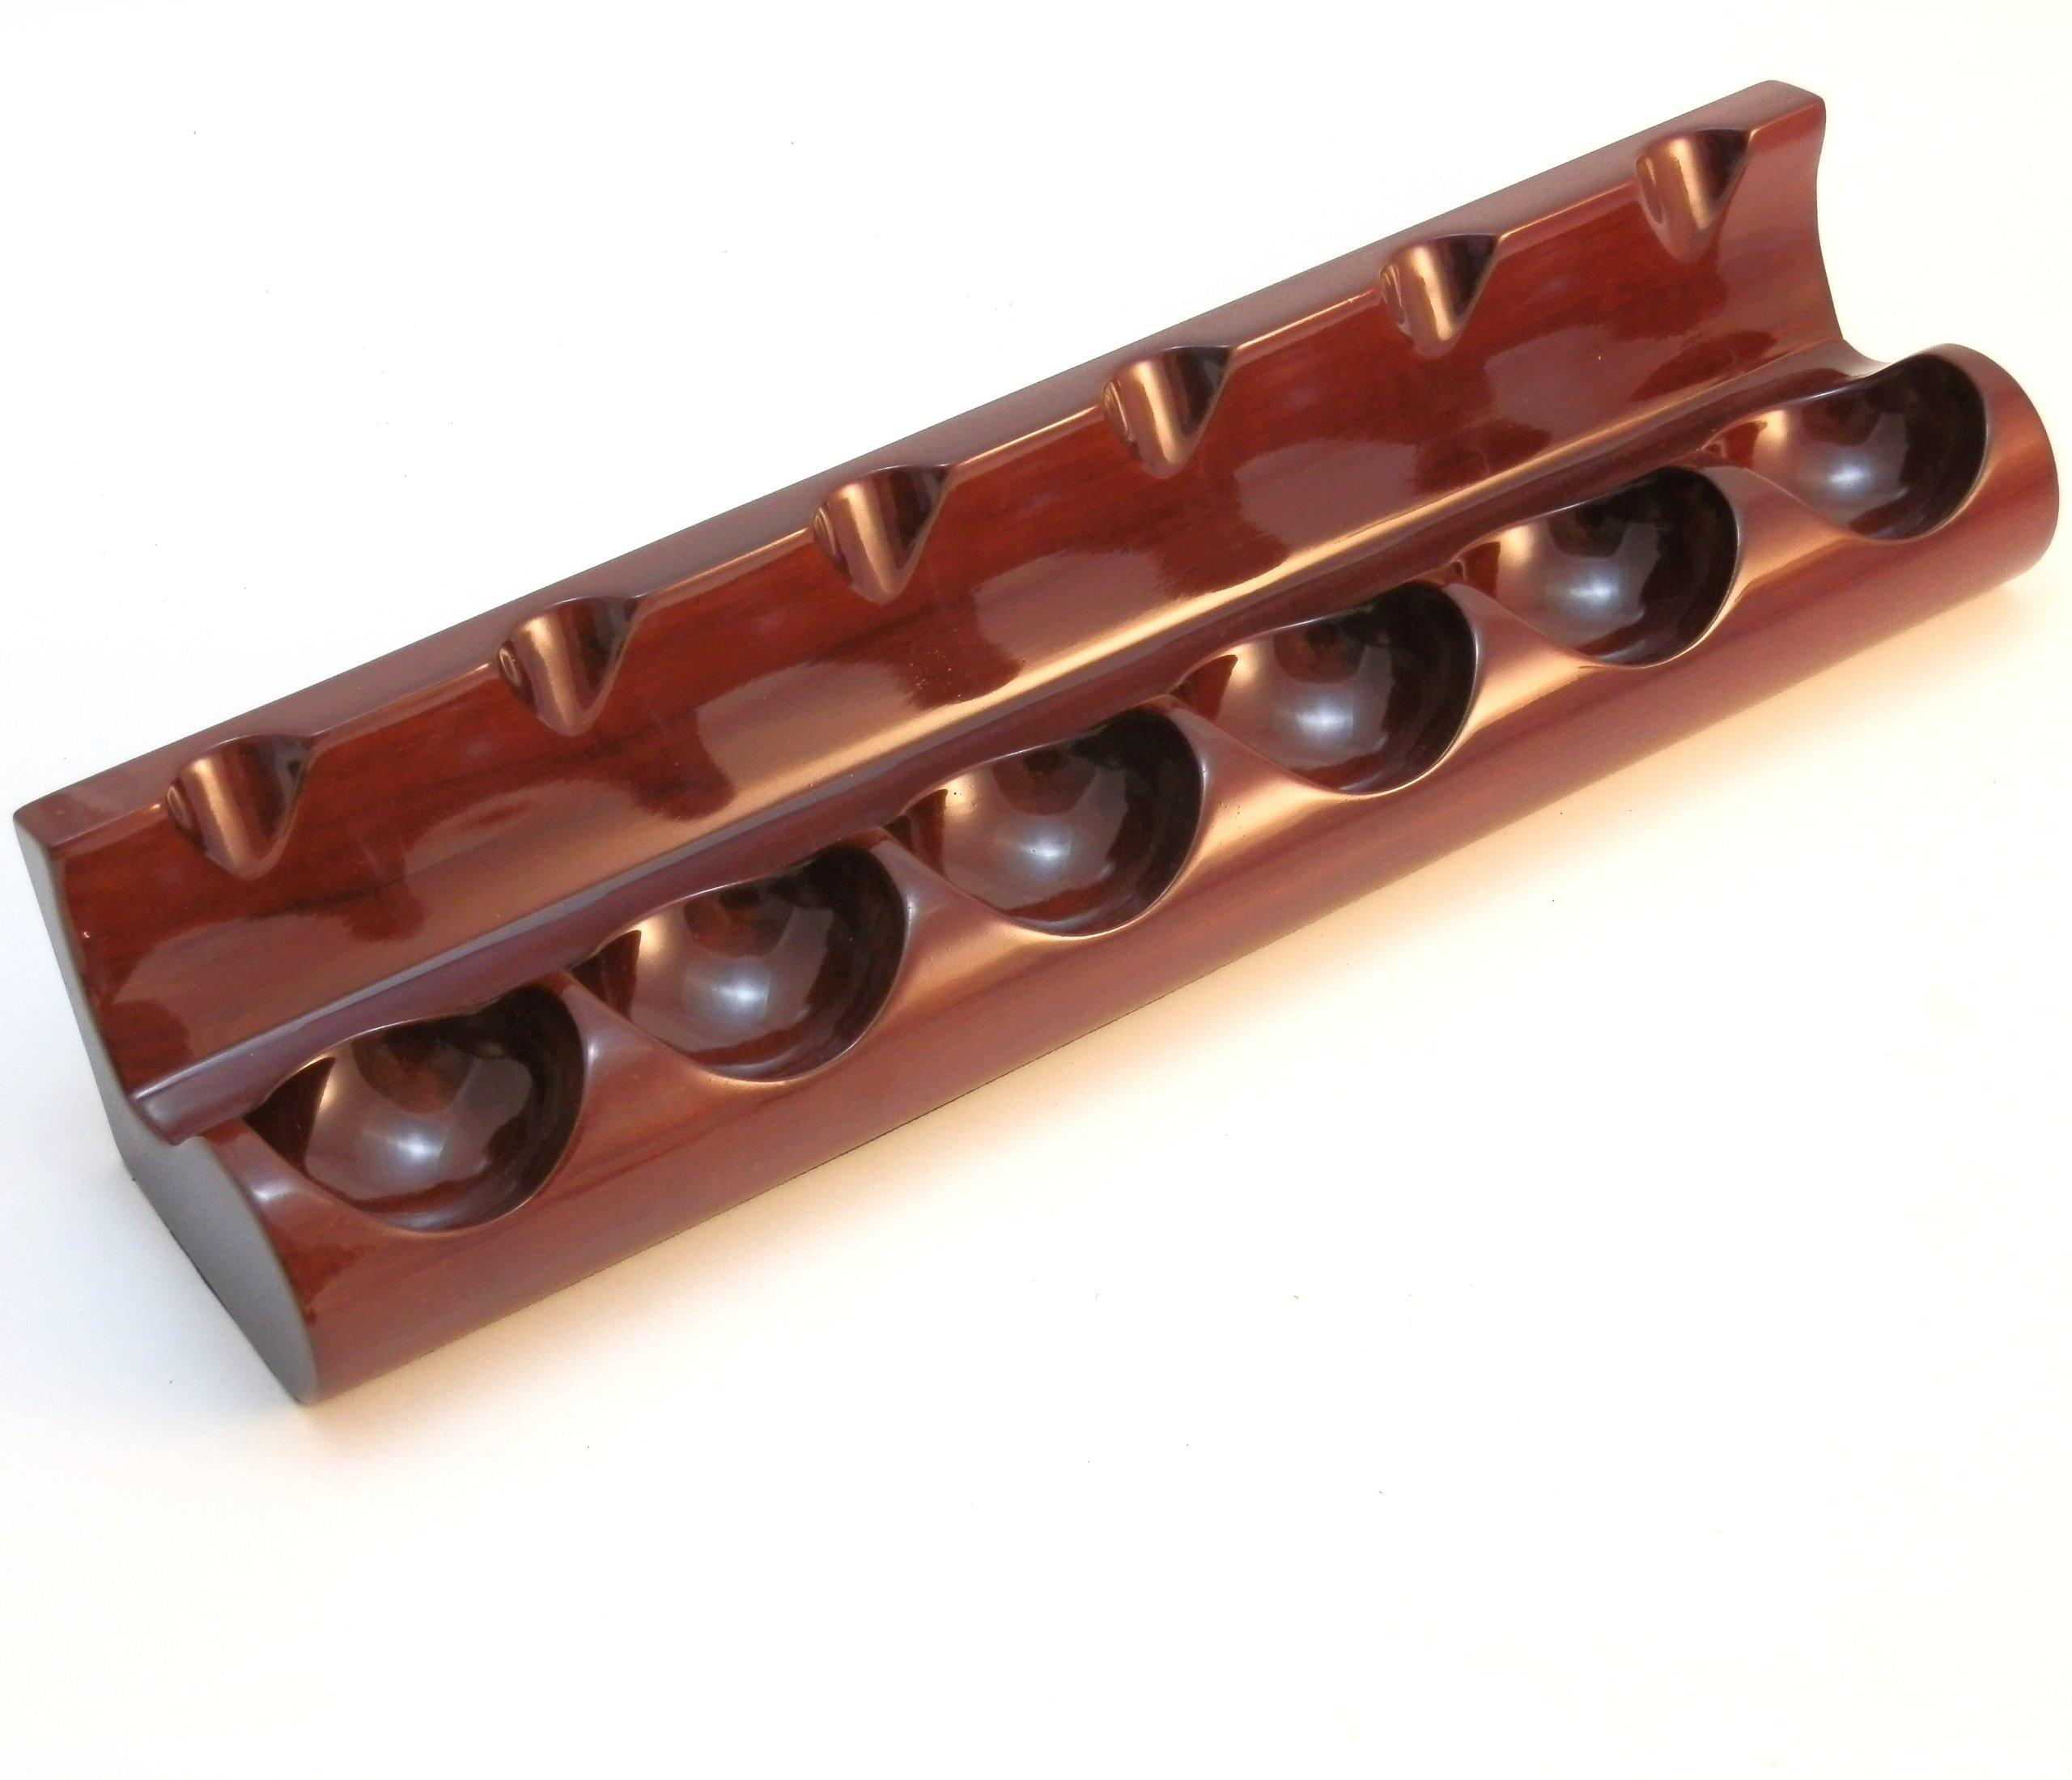 Mr. Brog Tobacco Pipe Rack - Rod Series - 6 by Mr. Brog